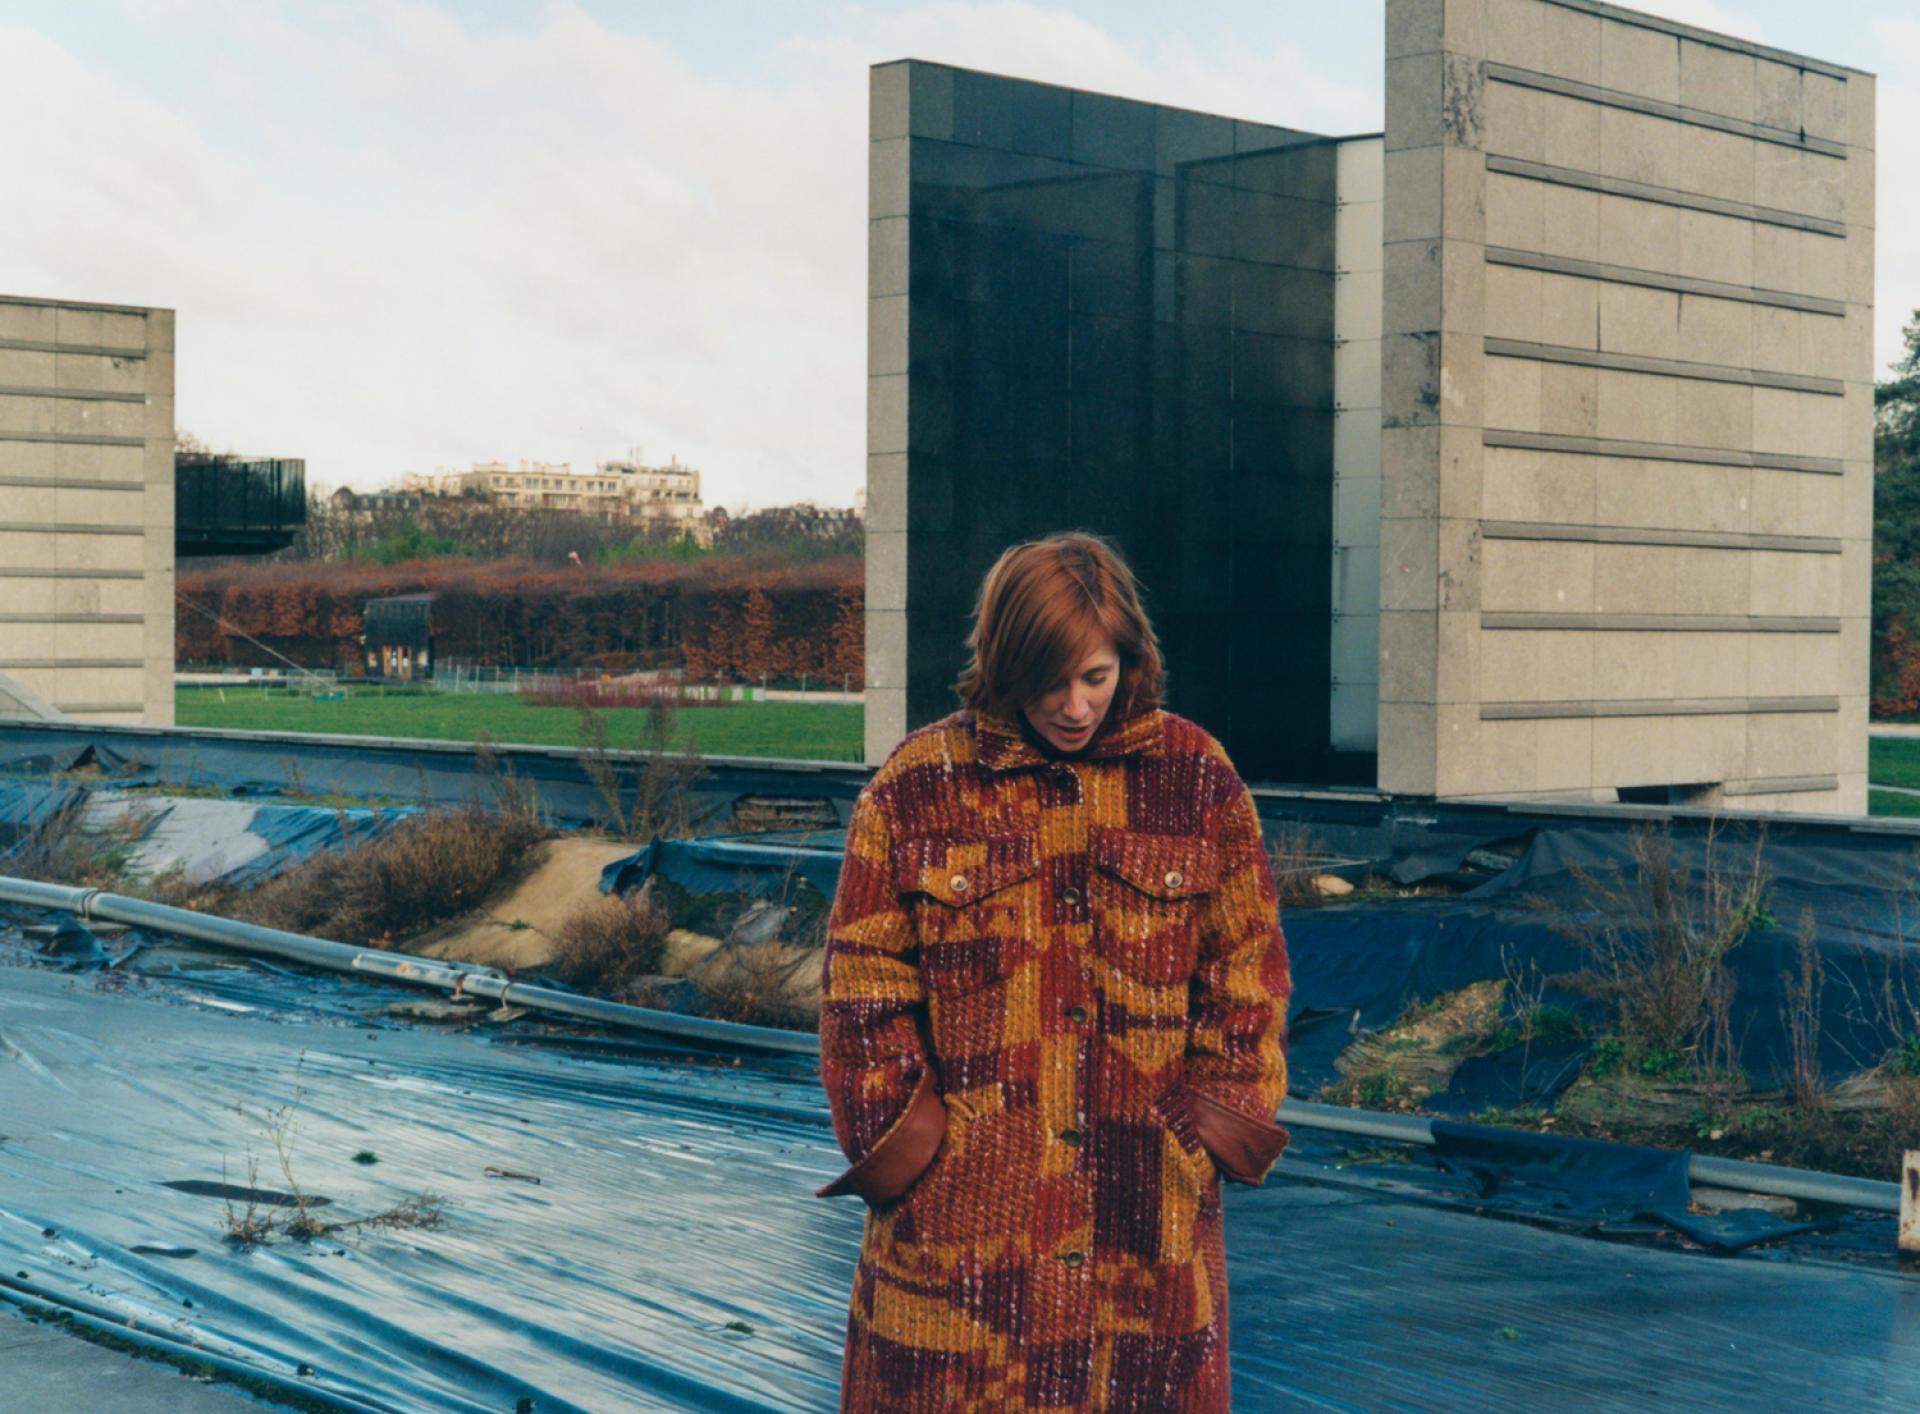 Andréa Bescond, au parc André-Citroën, à Paris, le 25 janvier.